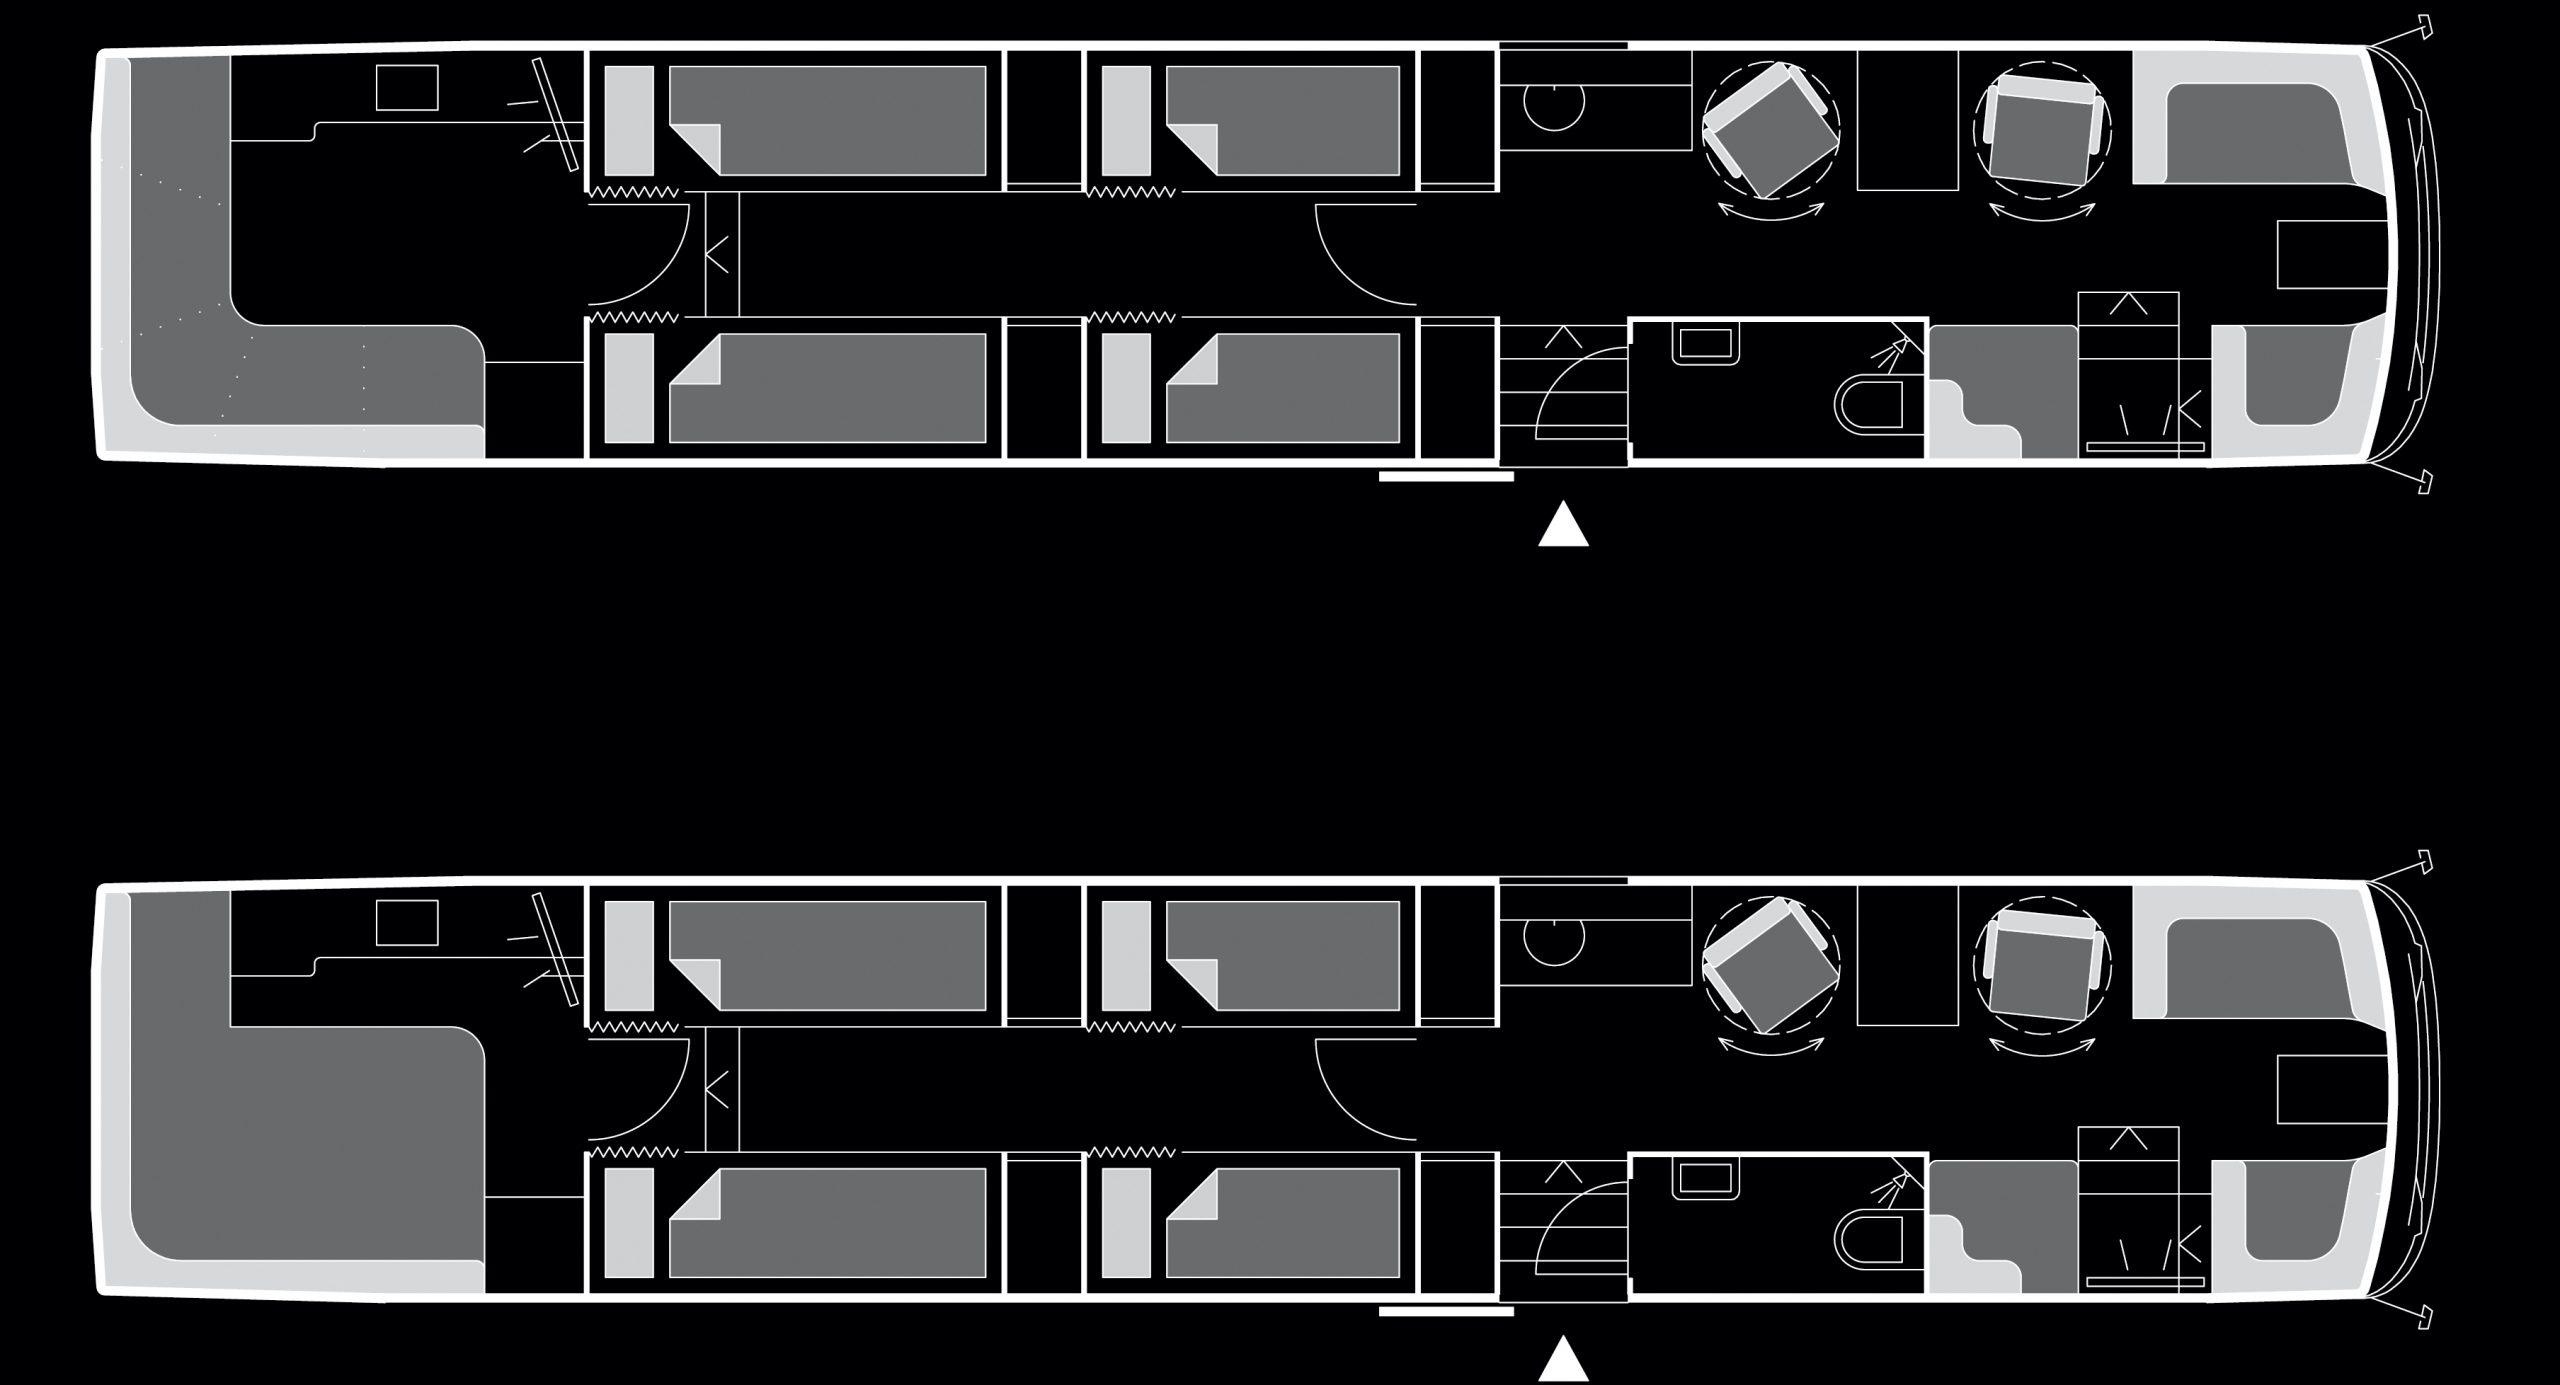 Beat the Street - VanHool Superhighdeckers 12 Bunks Floor Plan